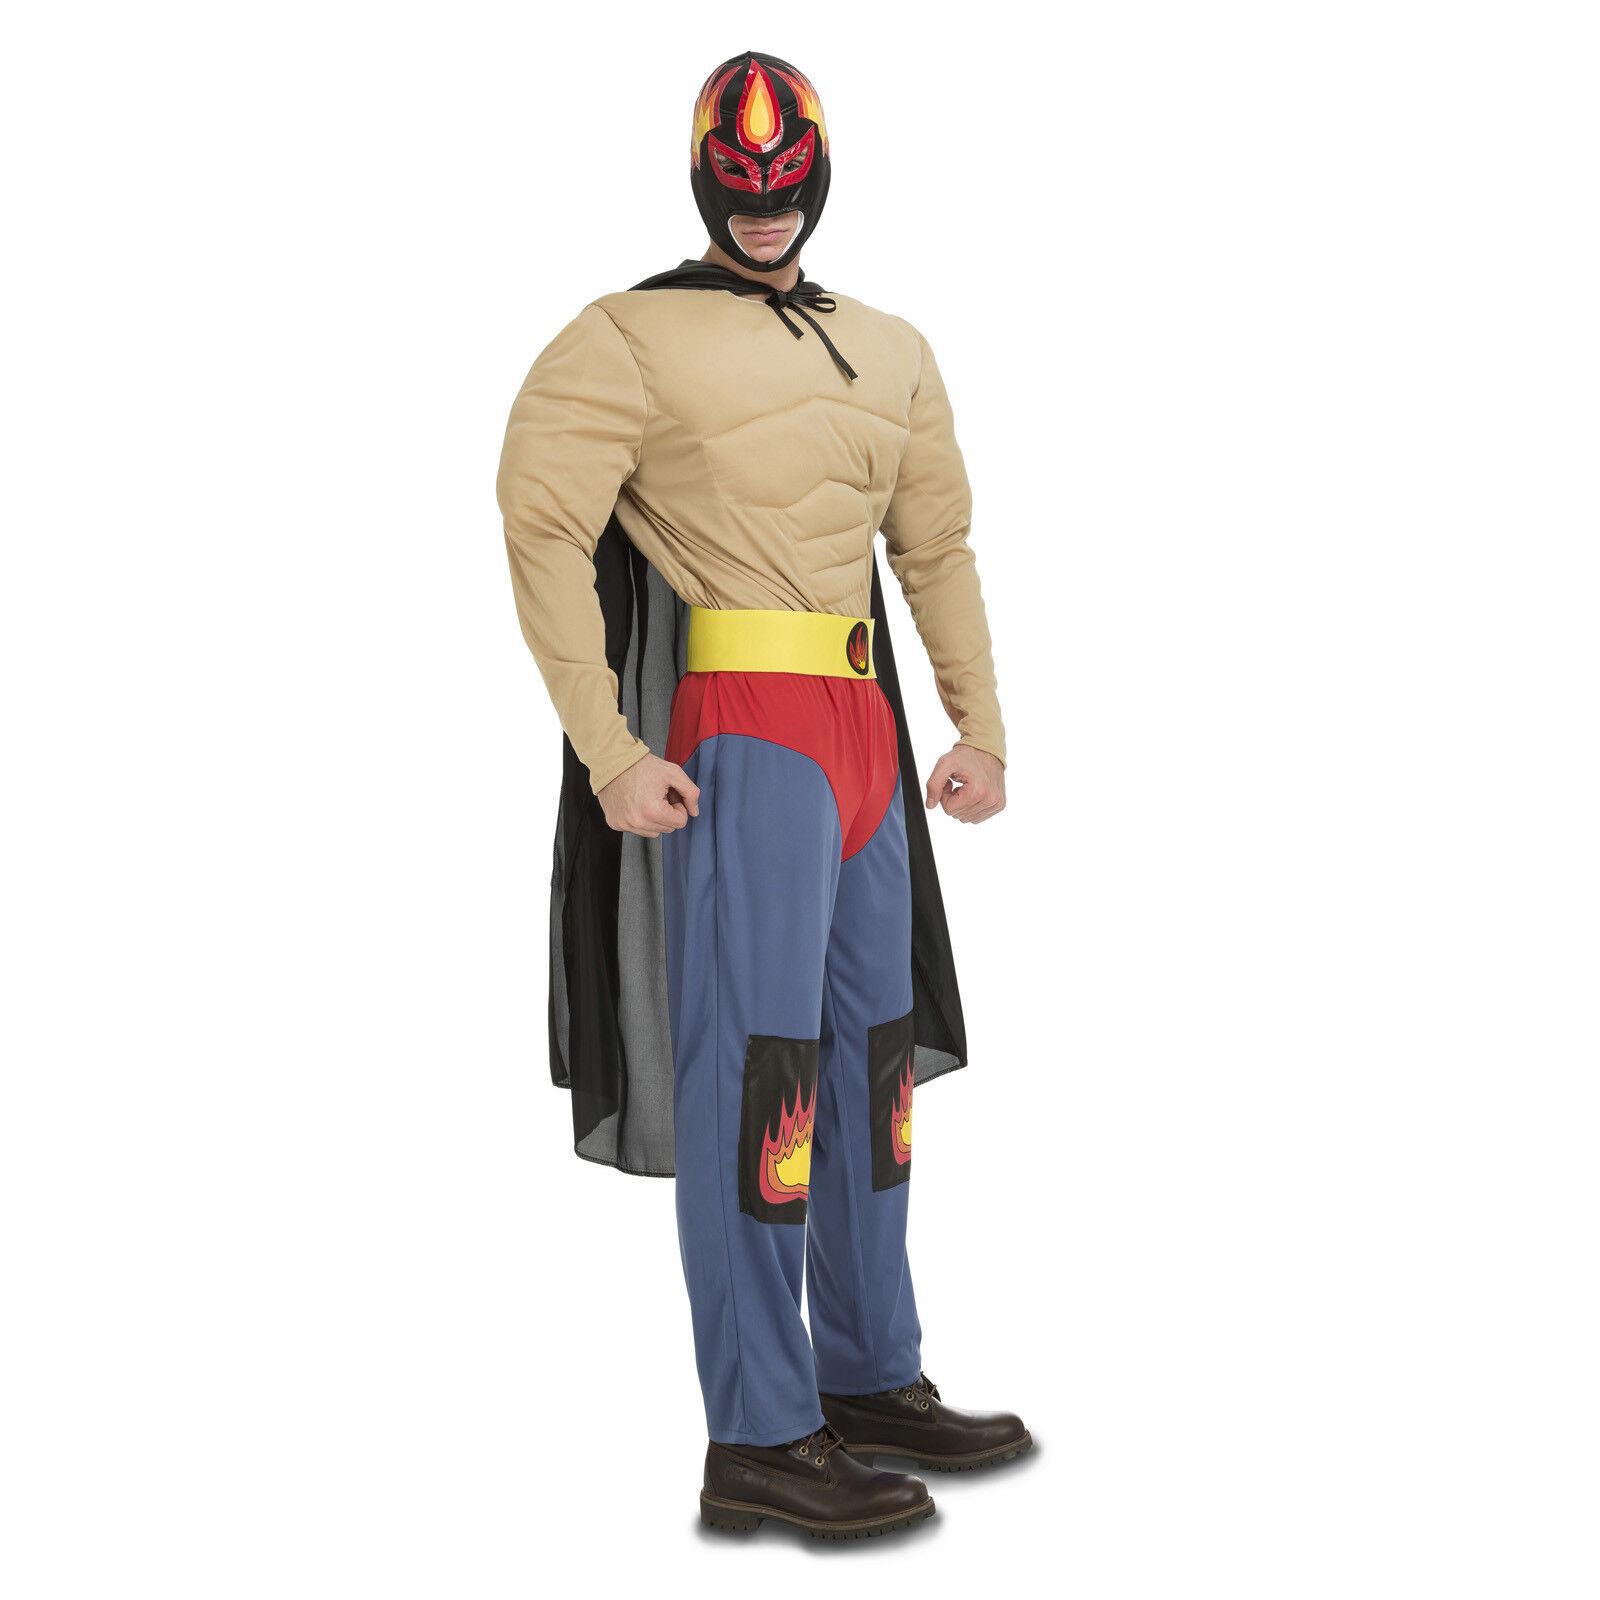 Herren Mexikanischer Wrestler Kostüm Wrestling Kämpfer Kostüm Stag Outfit